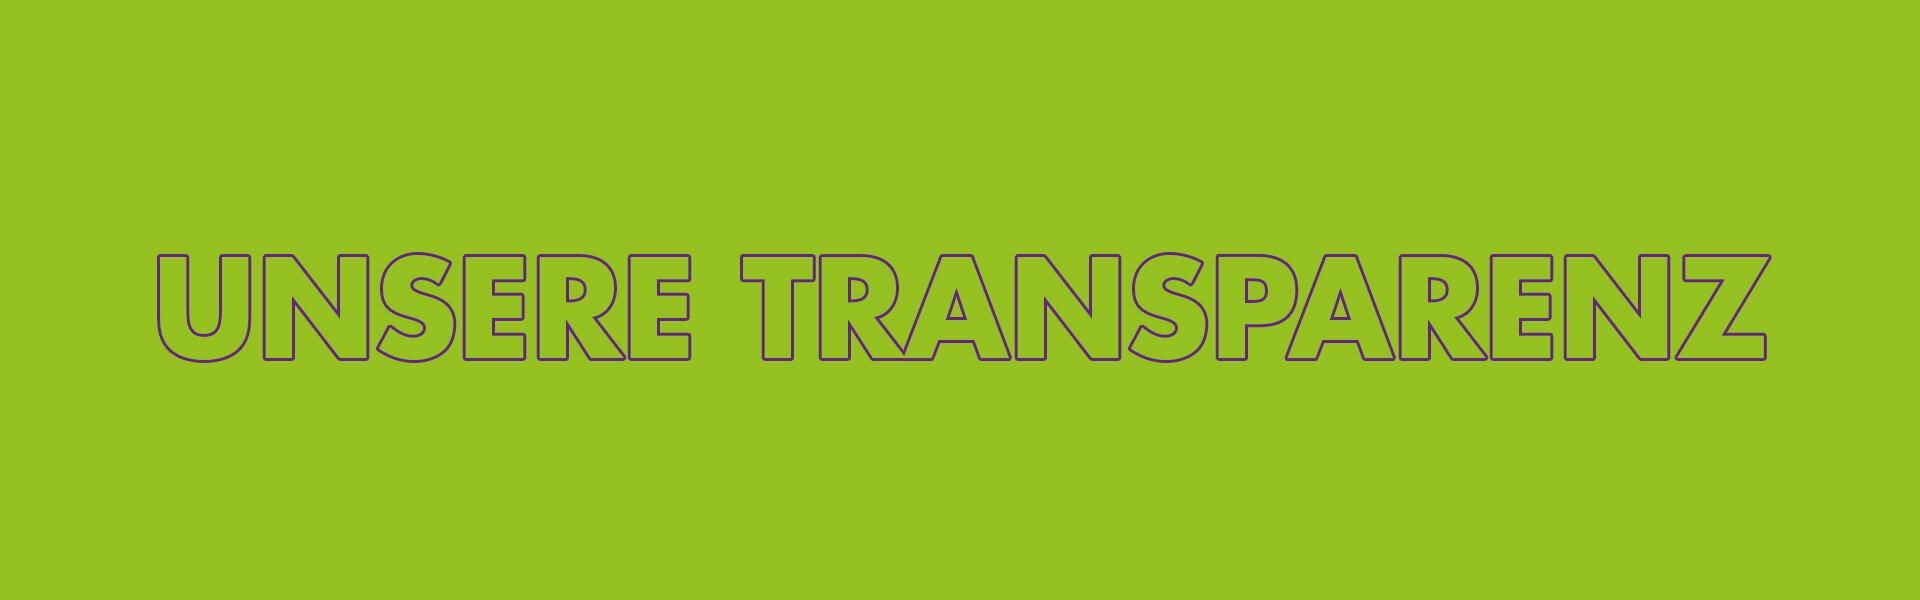 Unsere Transparenz